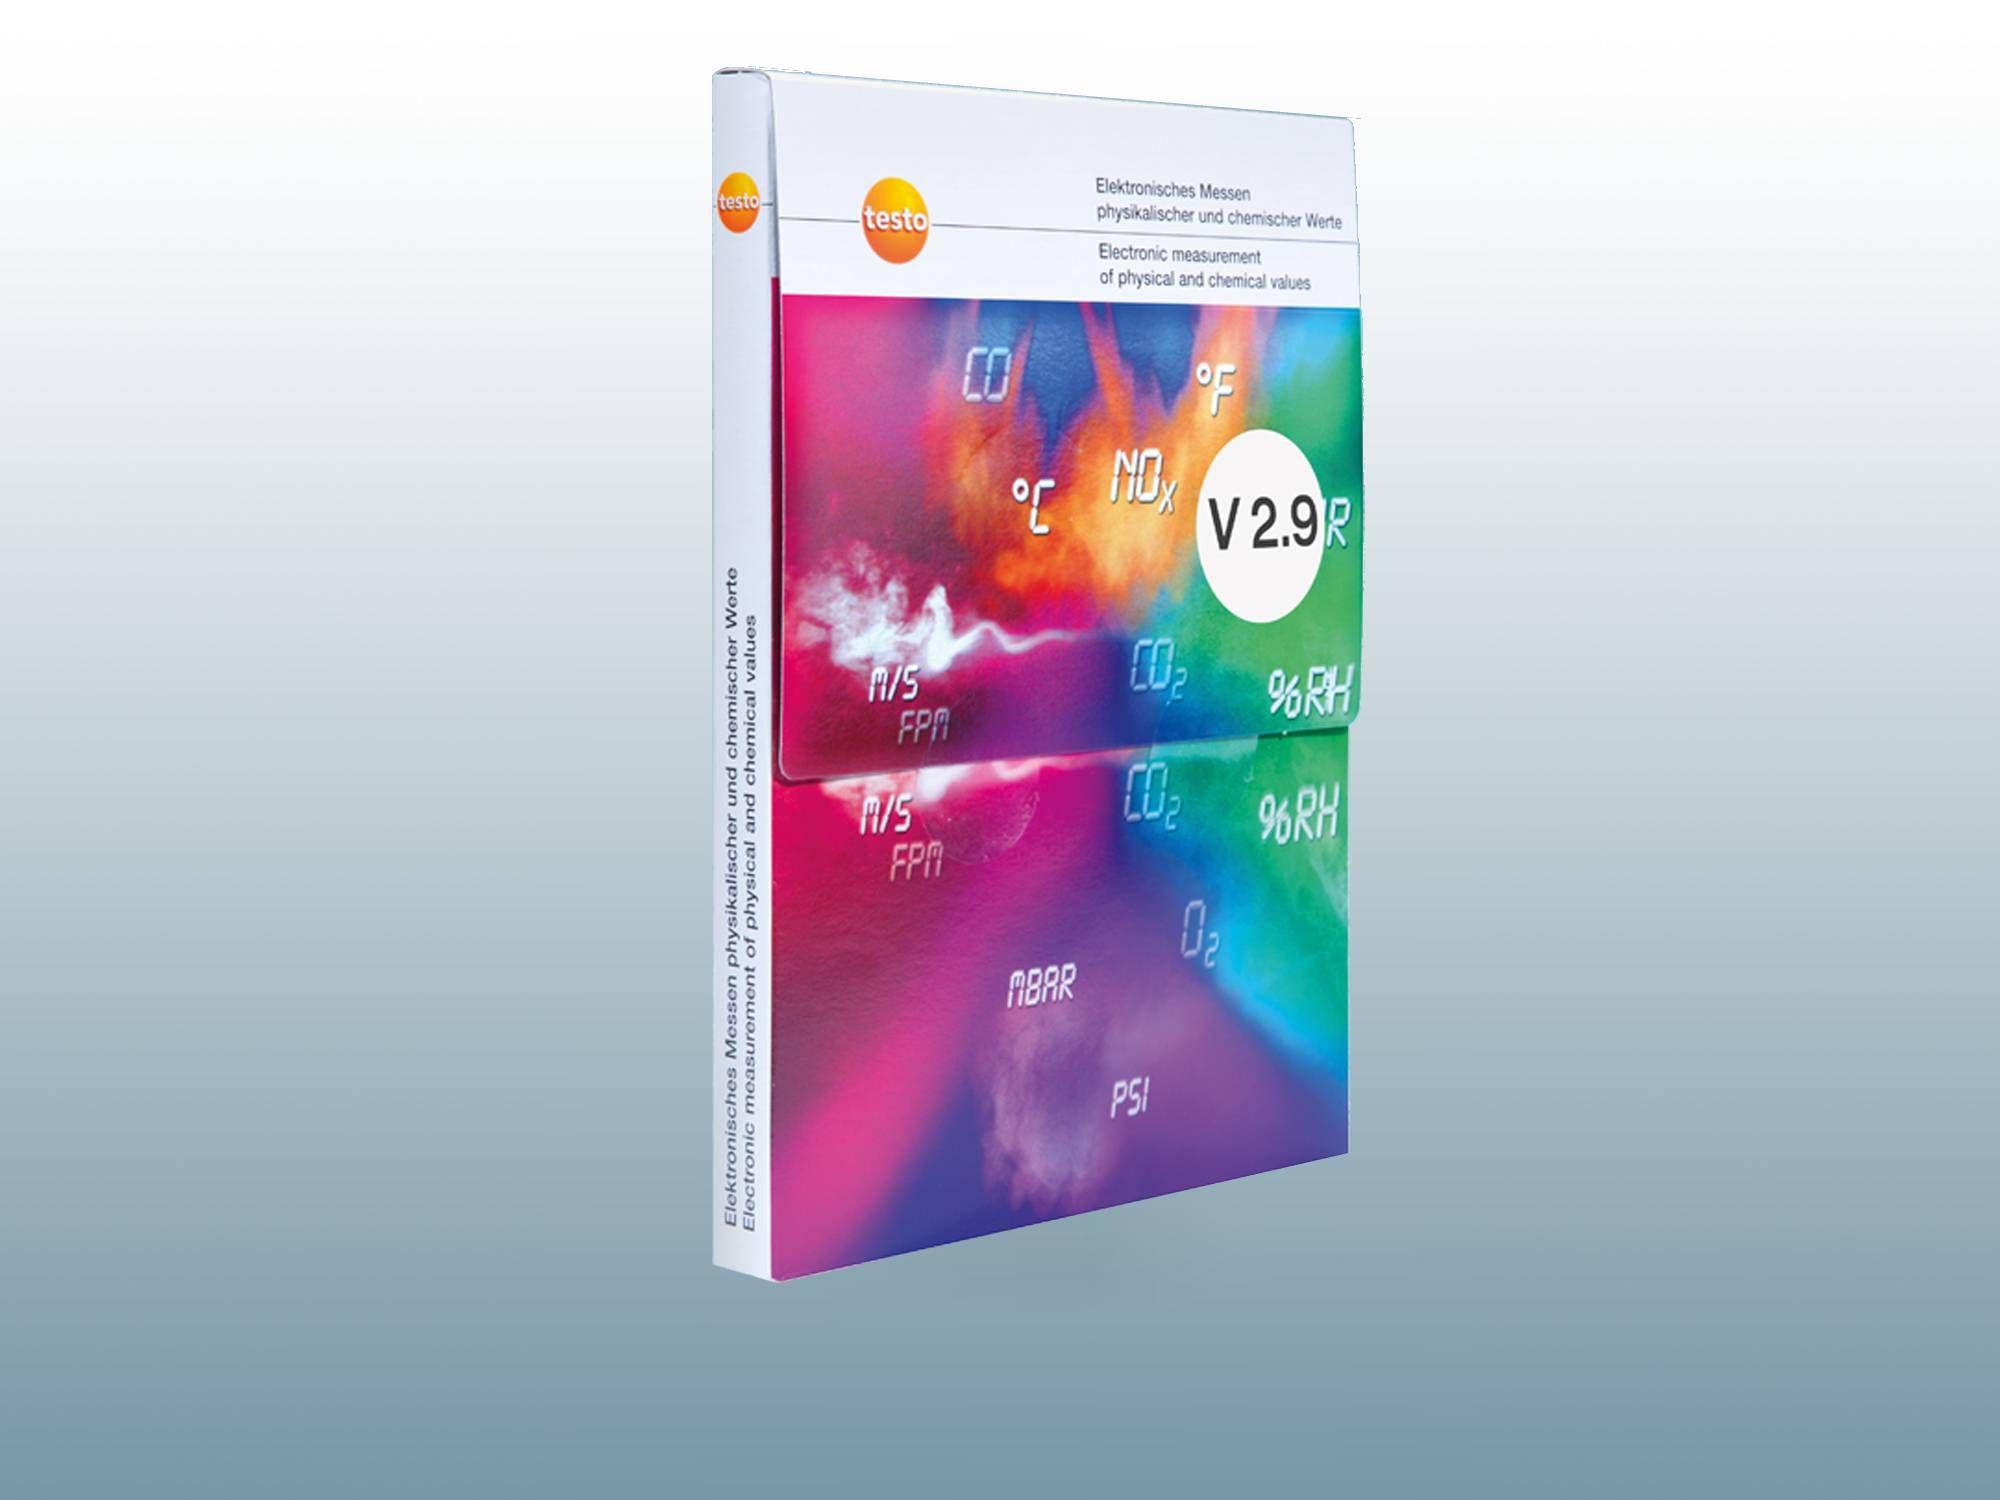 德图软件下载软件客户端